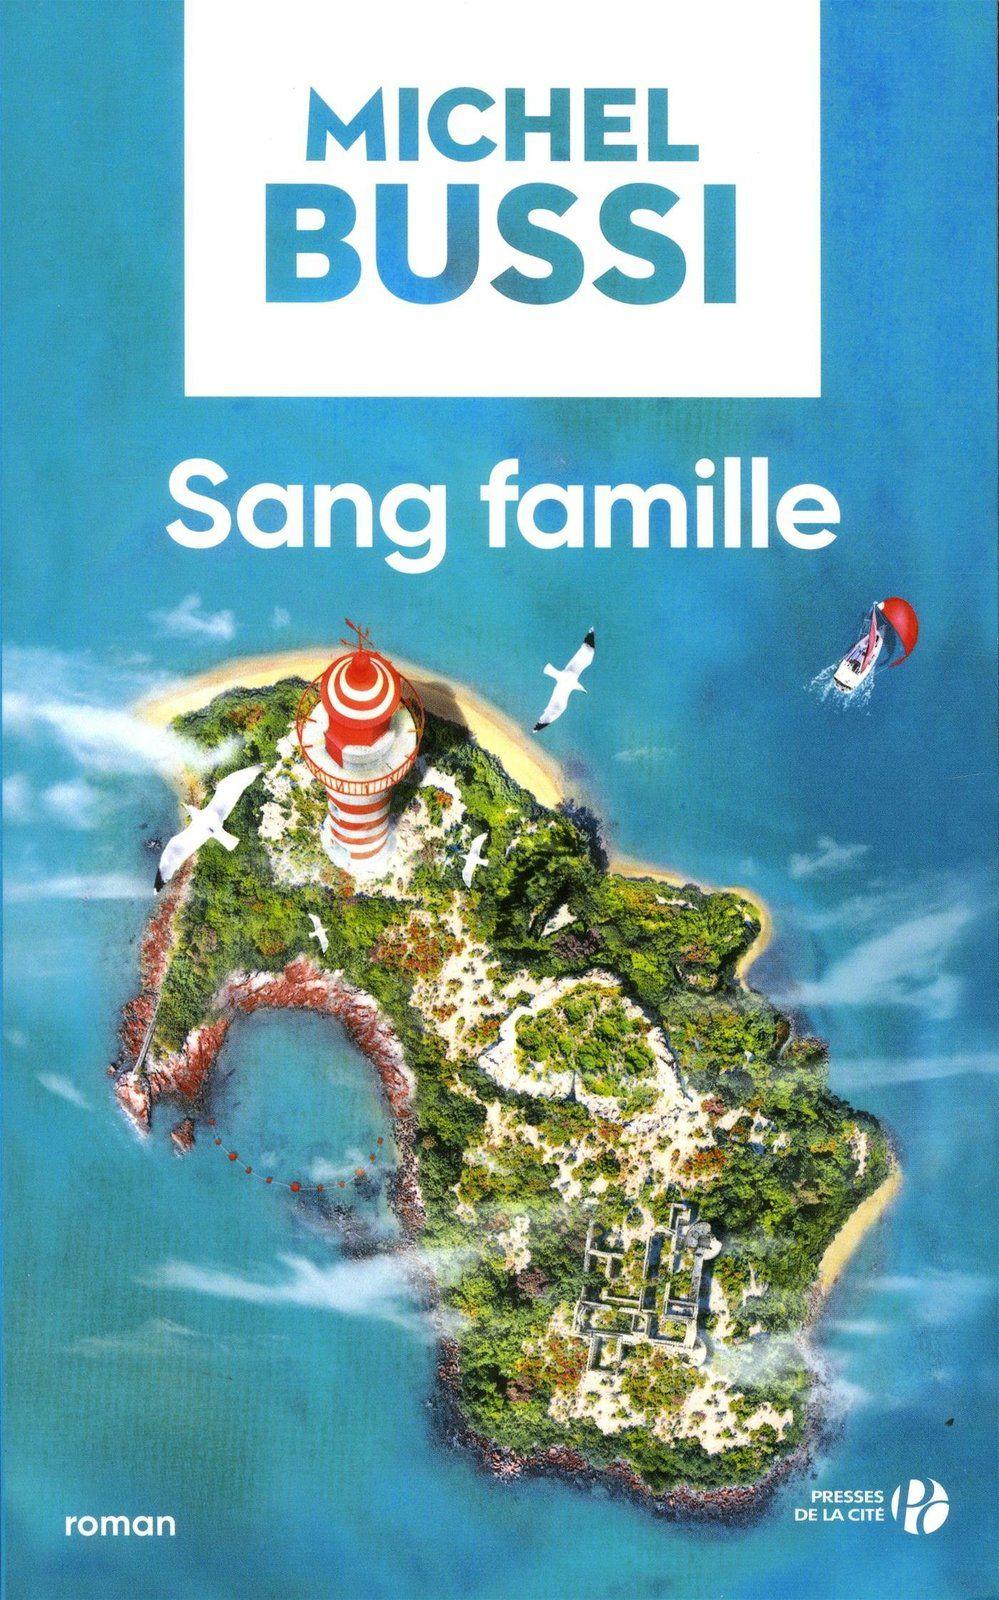 Sang famille - Michel BUSSI (2009), Presses de la Cité, 2018, 494 pages